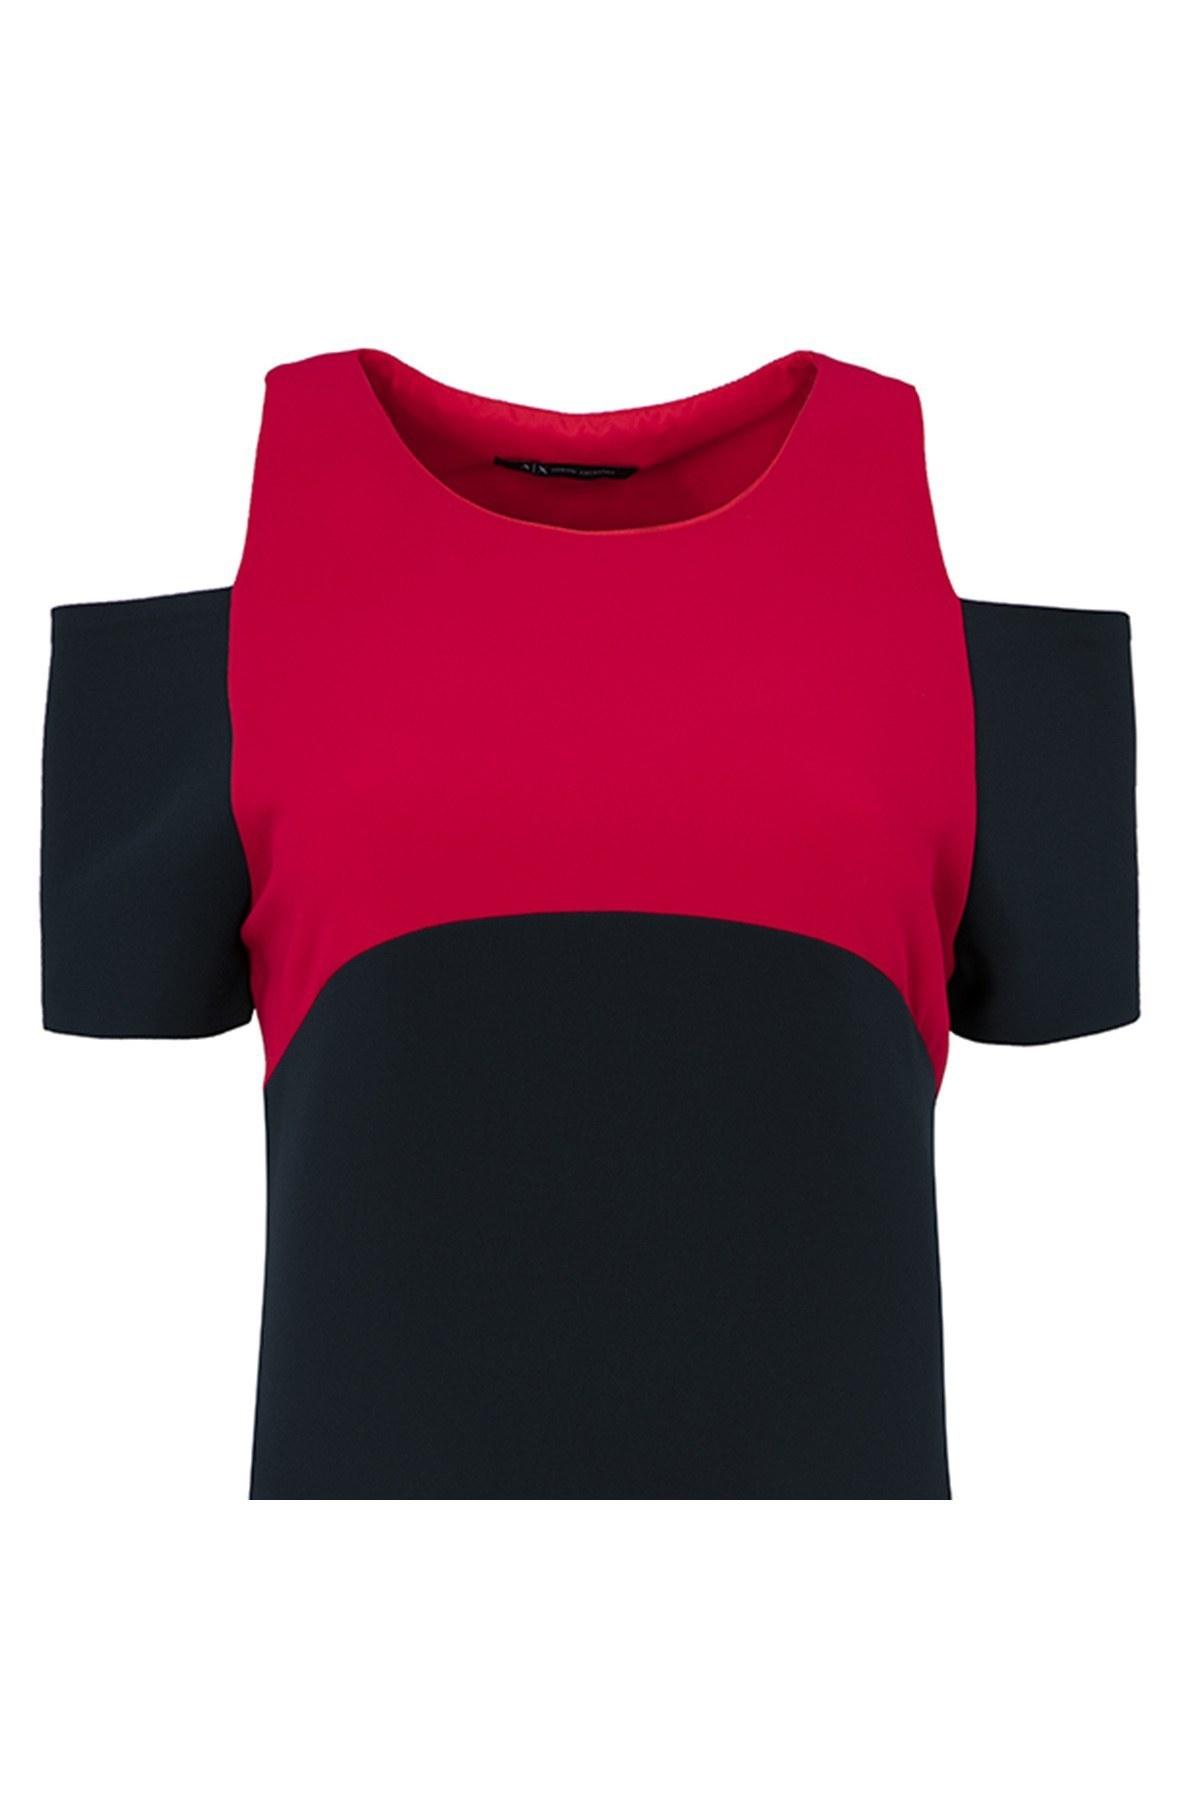 ARMANI EXCHANGE Kadın Elbise 6ZYA05 YNDUZ 1510 LACİVERT